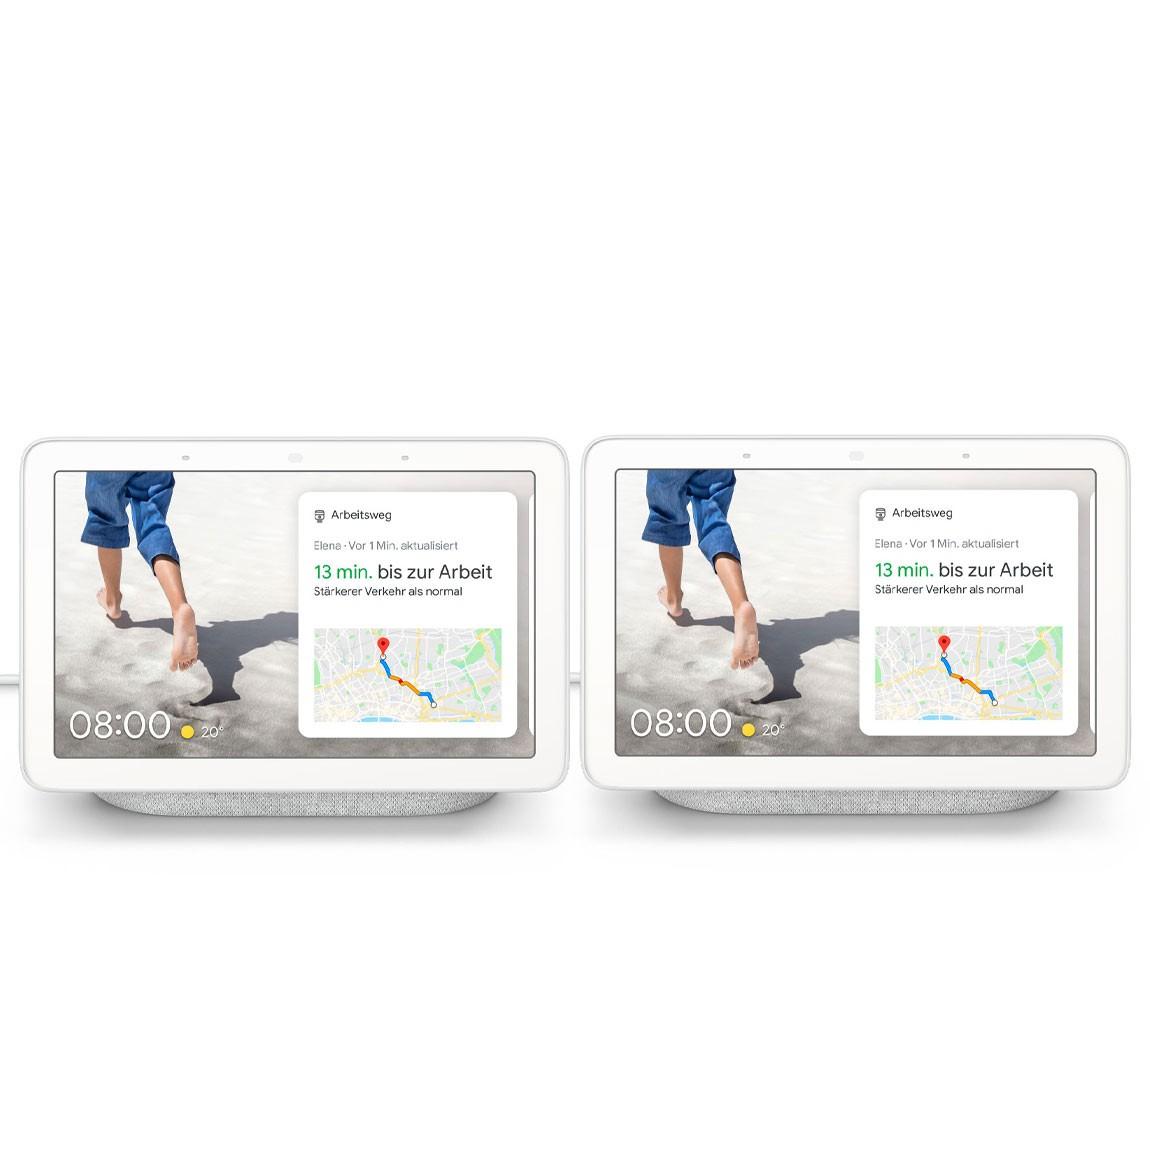 2x Google Nest Hub um 109€ // Google Nest Hub + Google Nest Mini um 79€